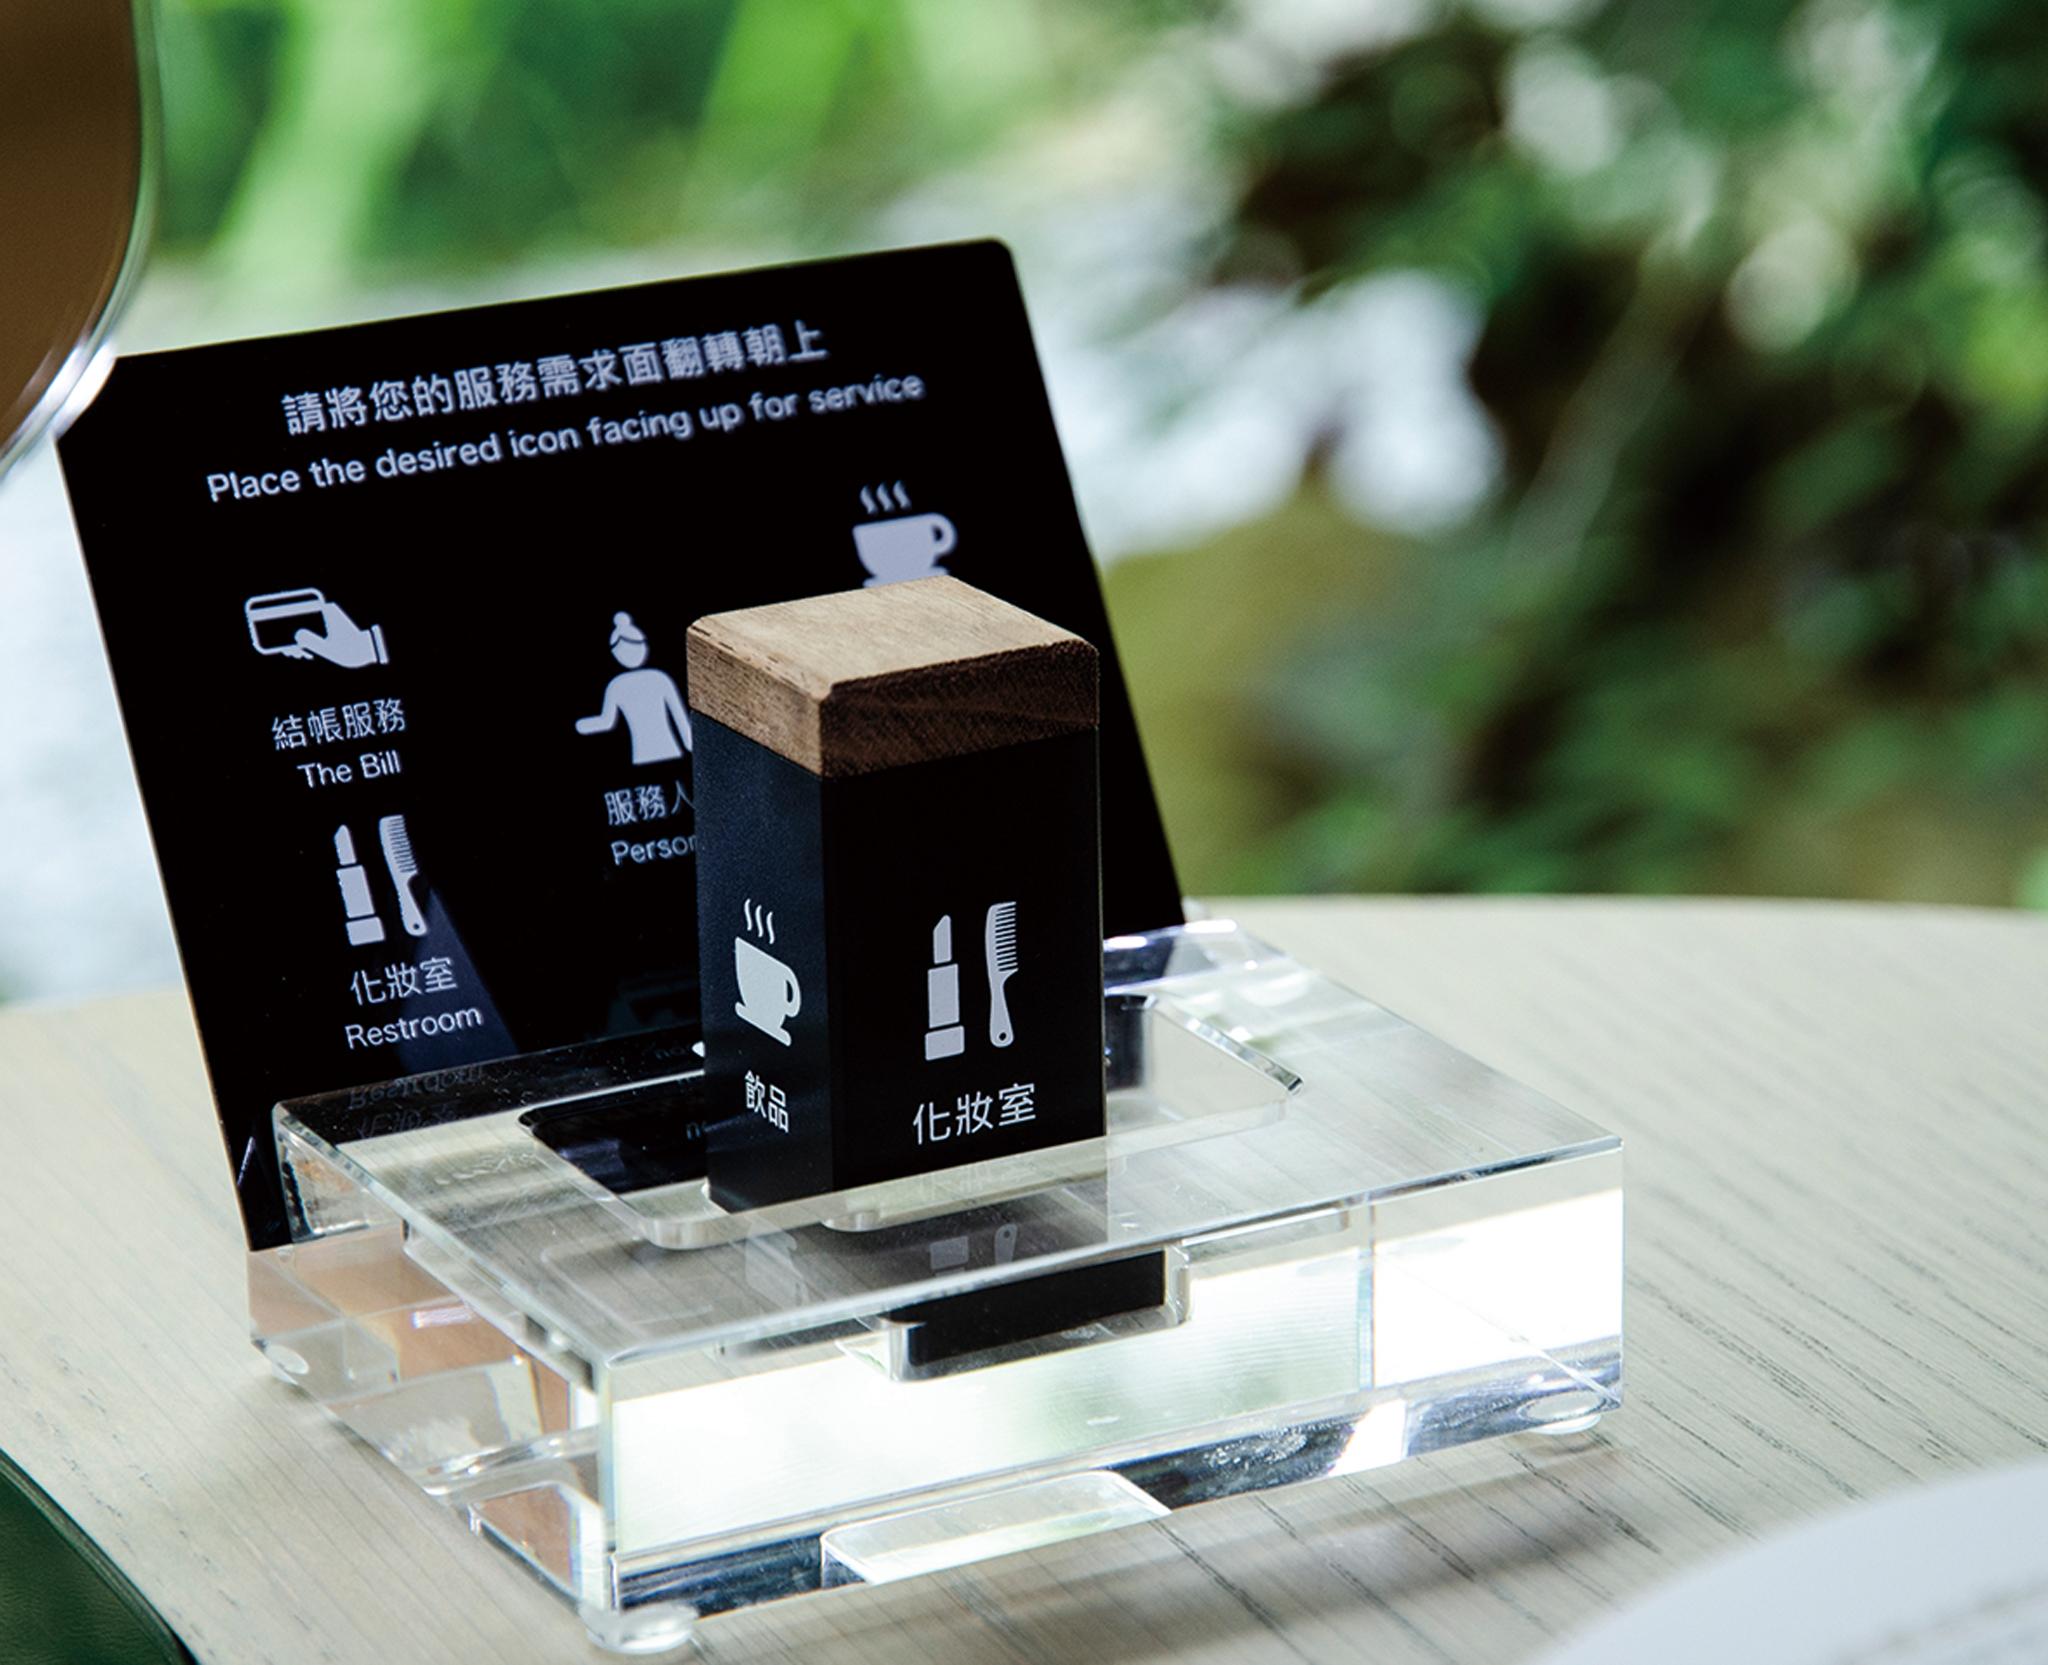 每間VIP ROOM都設有感應服務鈴,即時並無微不至照顧客戶需求。